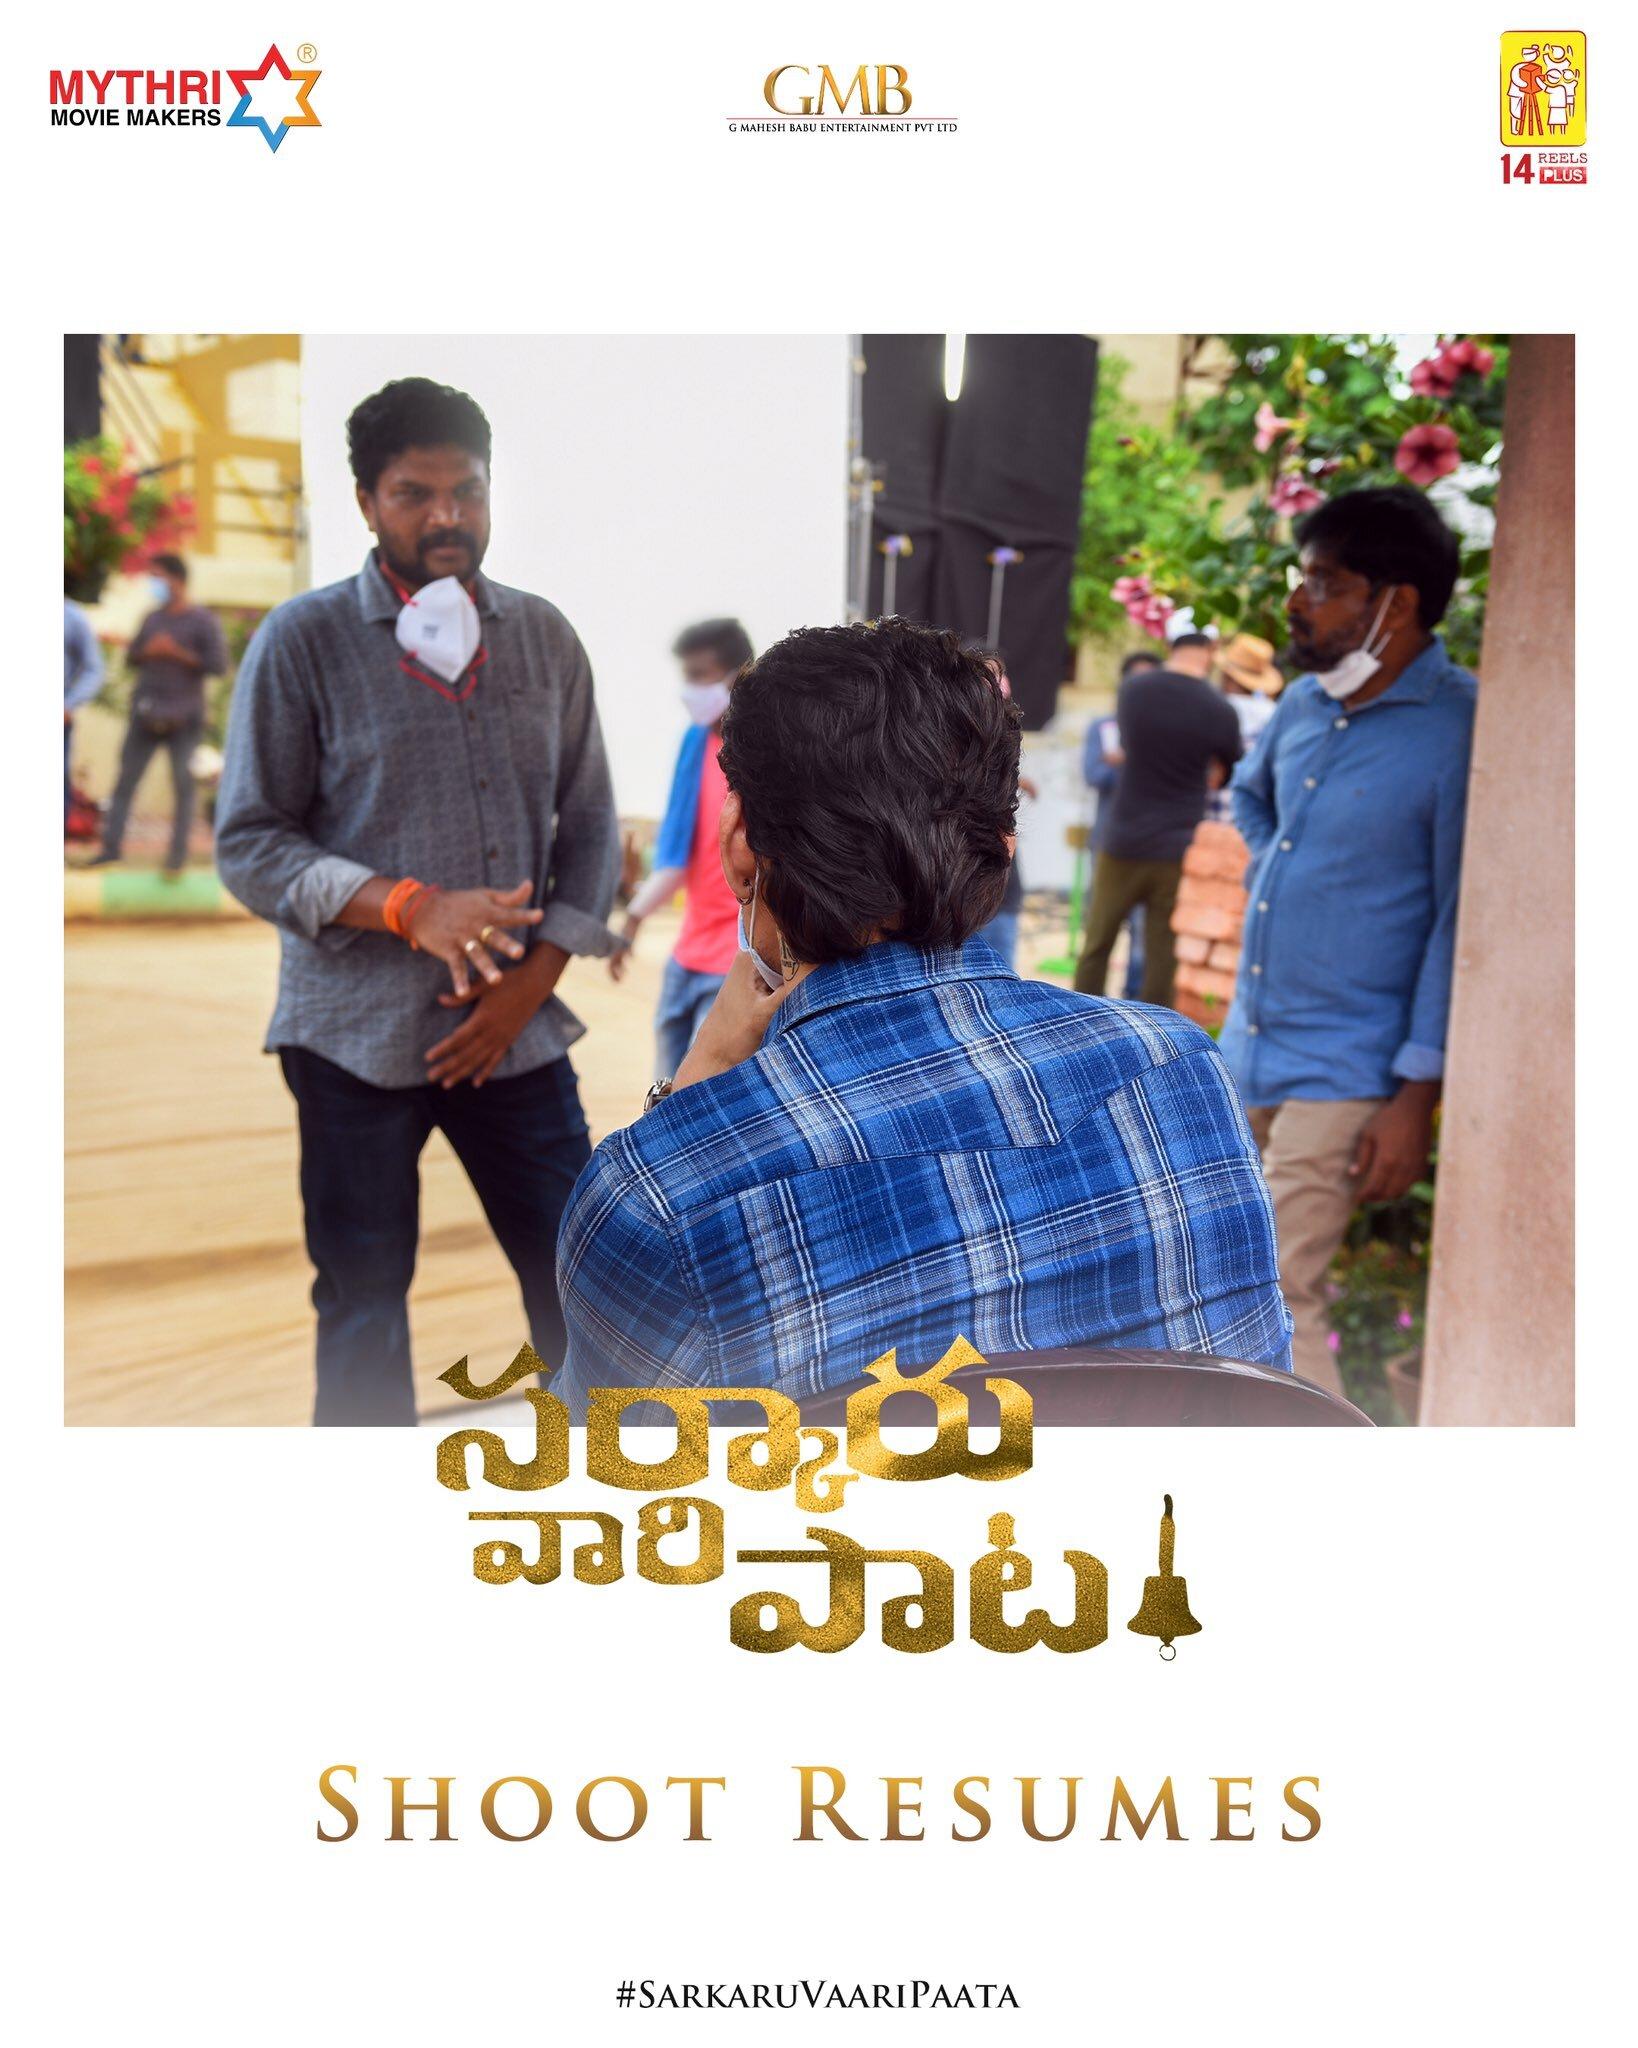 Mahesh Babu Resume shooting for Sarkaru Vaari Paata in Hyderabad